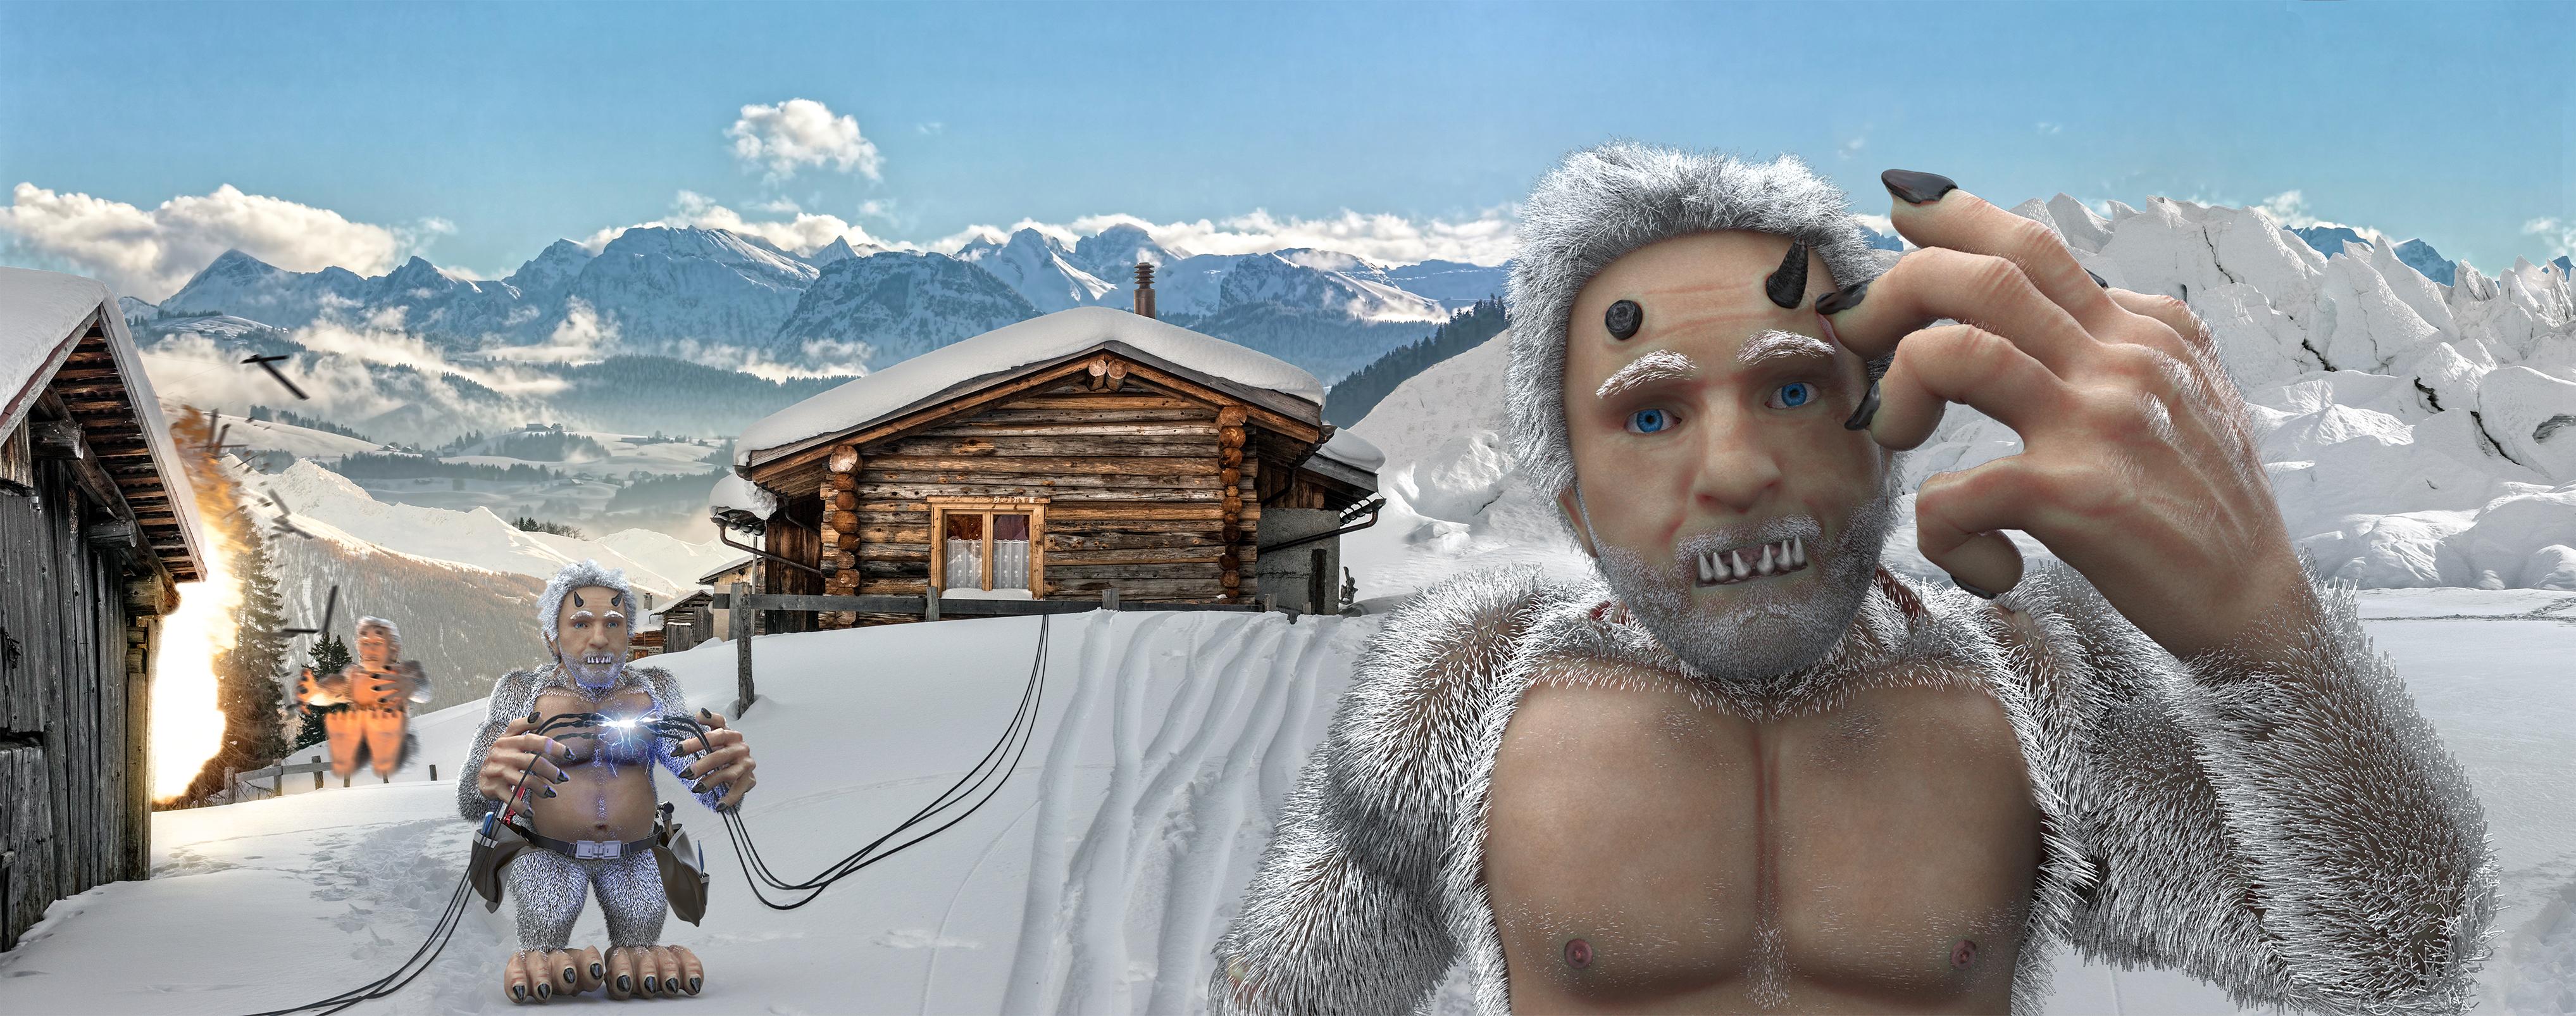 Snow Yeti Concept